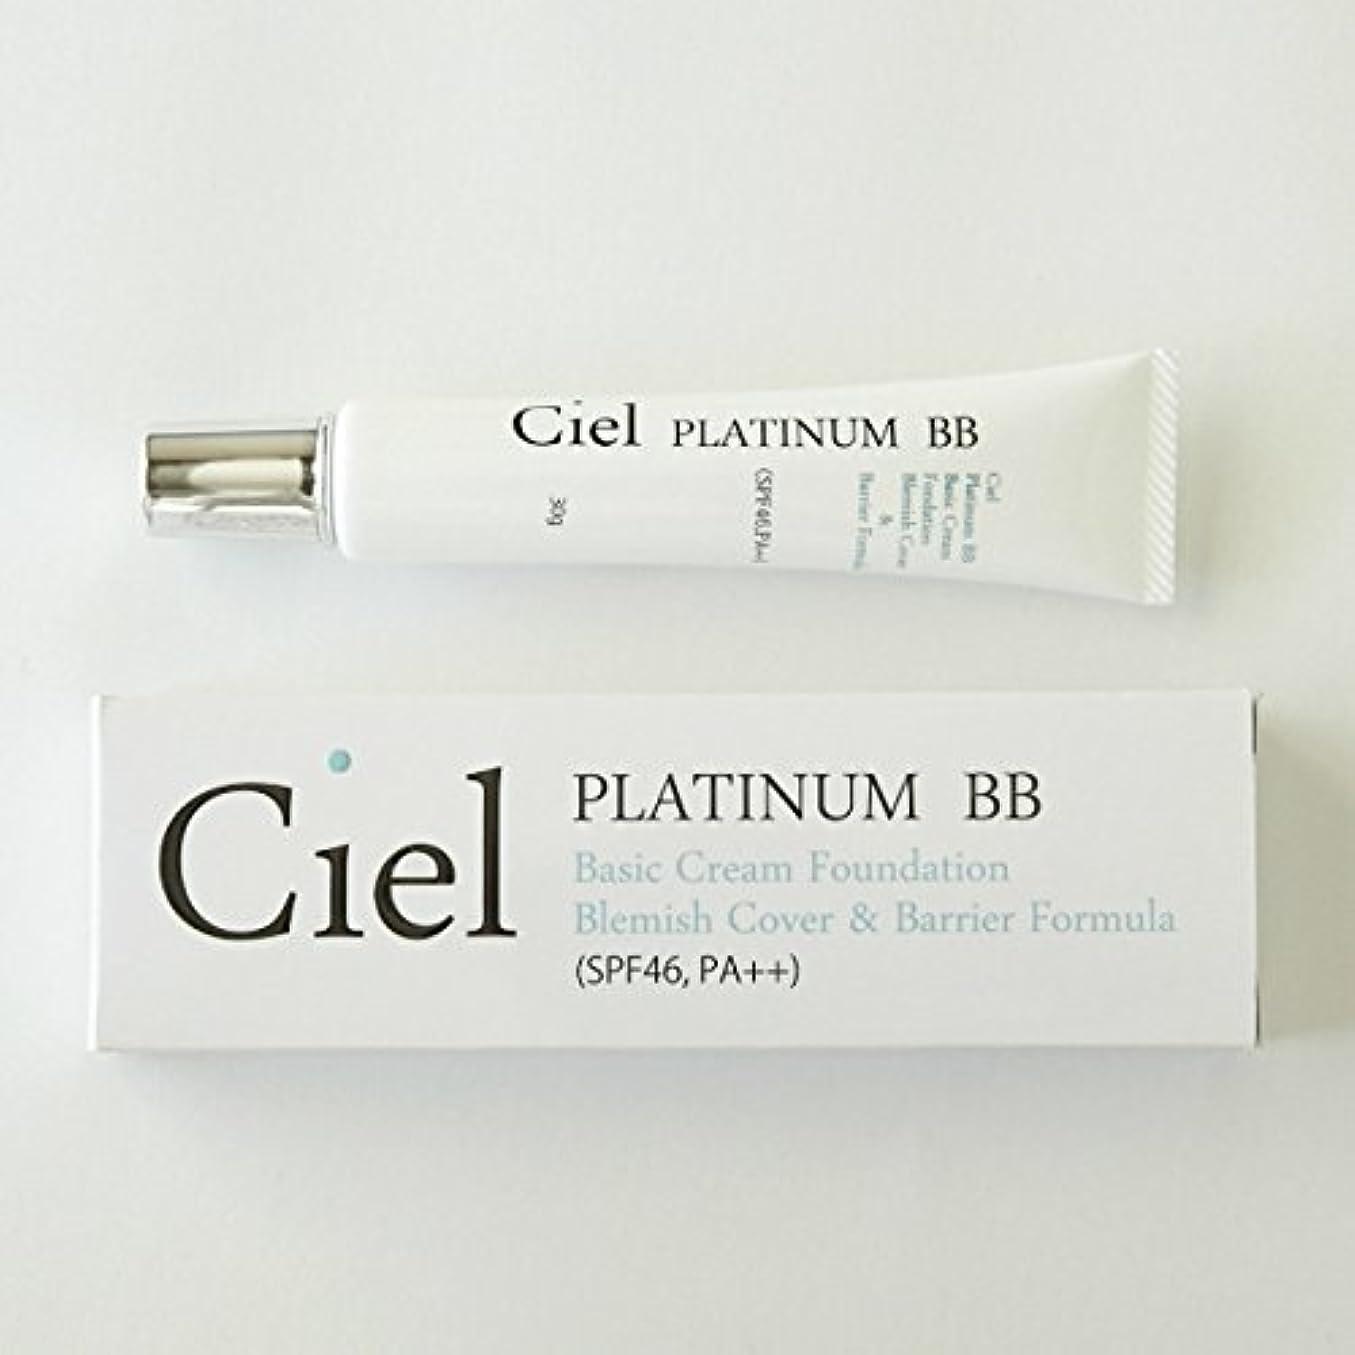 頂点メンテナンスマーティフィールディングCiel Salon de Beaute Ciel PLATINUM BB SPF46 BBクリーム ファンデーション 日本製 日焼け止め